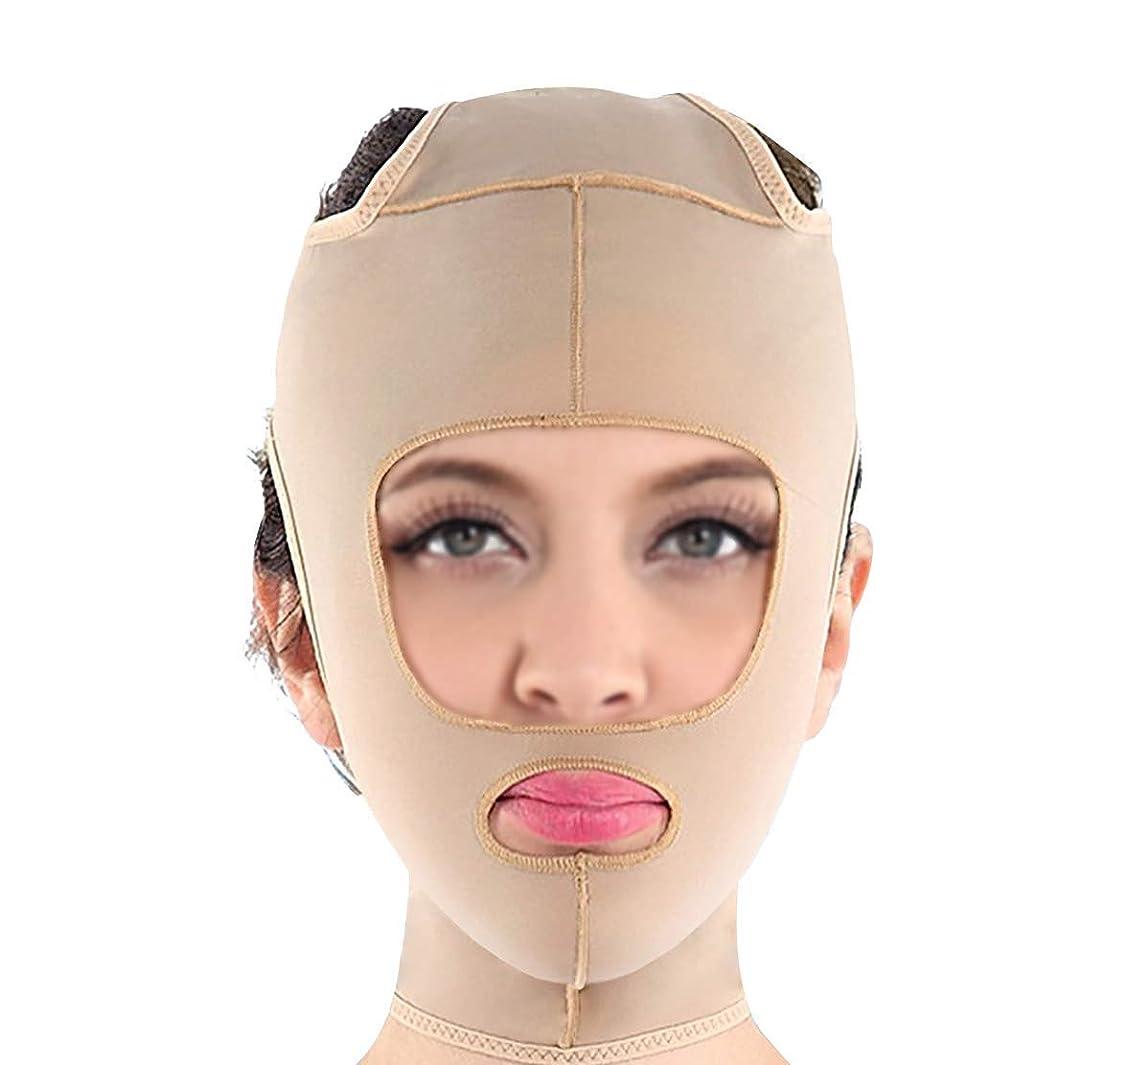 ますます株式会社怖がらせる包帯vフェイス楽器フェイスマスクマジックフェイスフェイシャル引き締めフェイシャルマッサージフェイシャルリンクルリフティング引き締めプラスチックマスク(サイズ:Xl),M